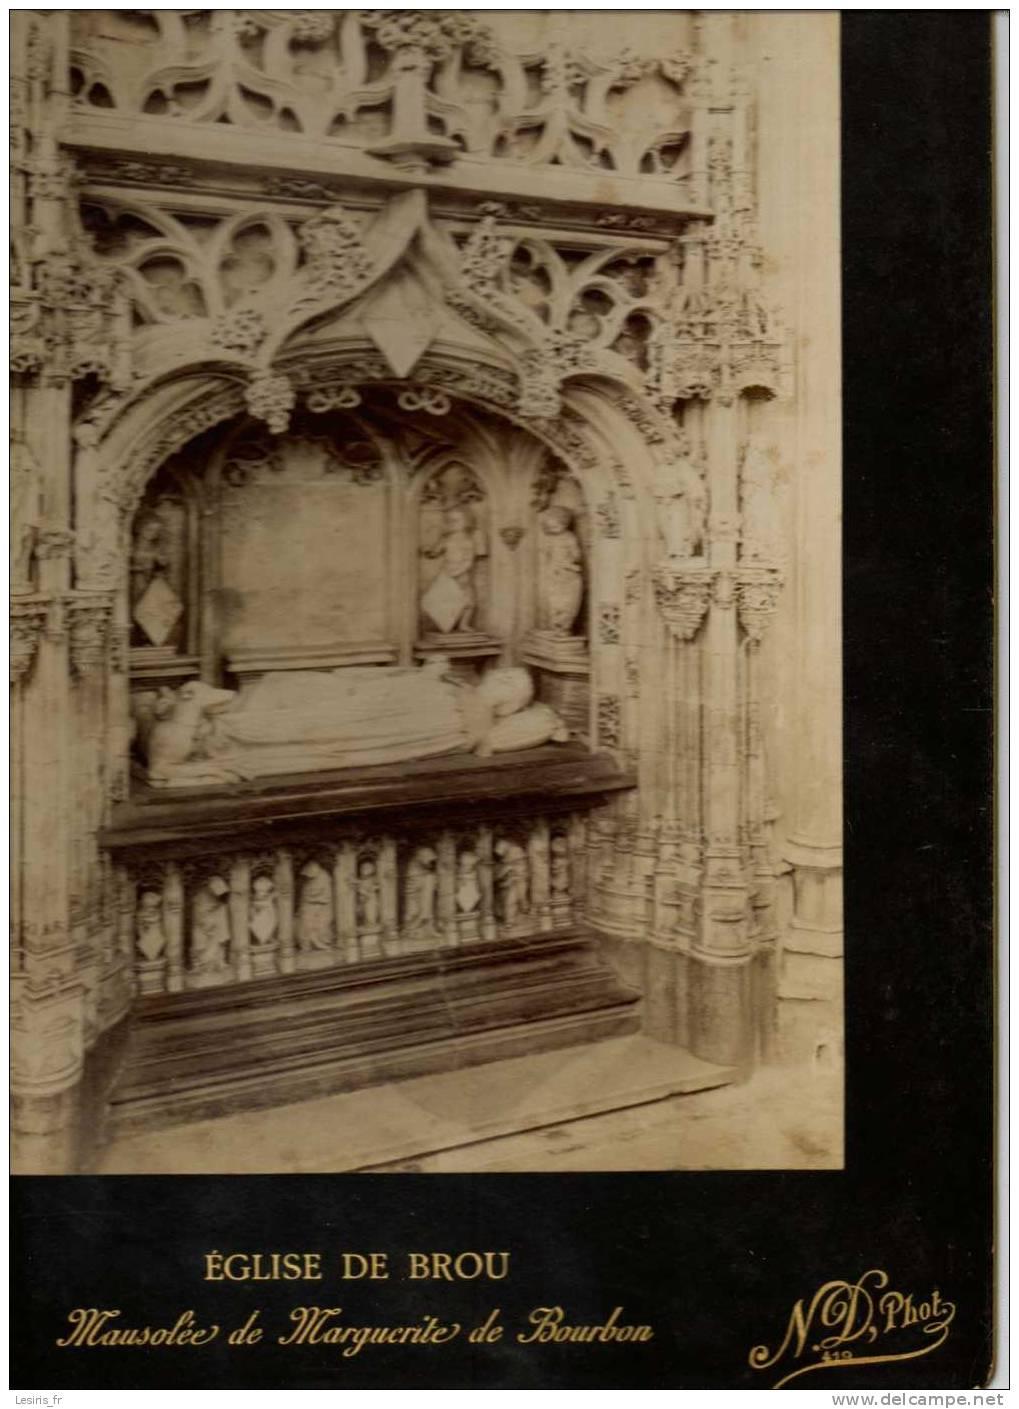 TRES GRANDE PHOTOGRAPHIE SUR CARTON -EGLISE DE BROU - 229 - MAUSOLEE DE MARGUERITE DE BOURBON - N.D. PHO. 419 - 1896 - Fotos